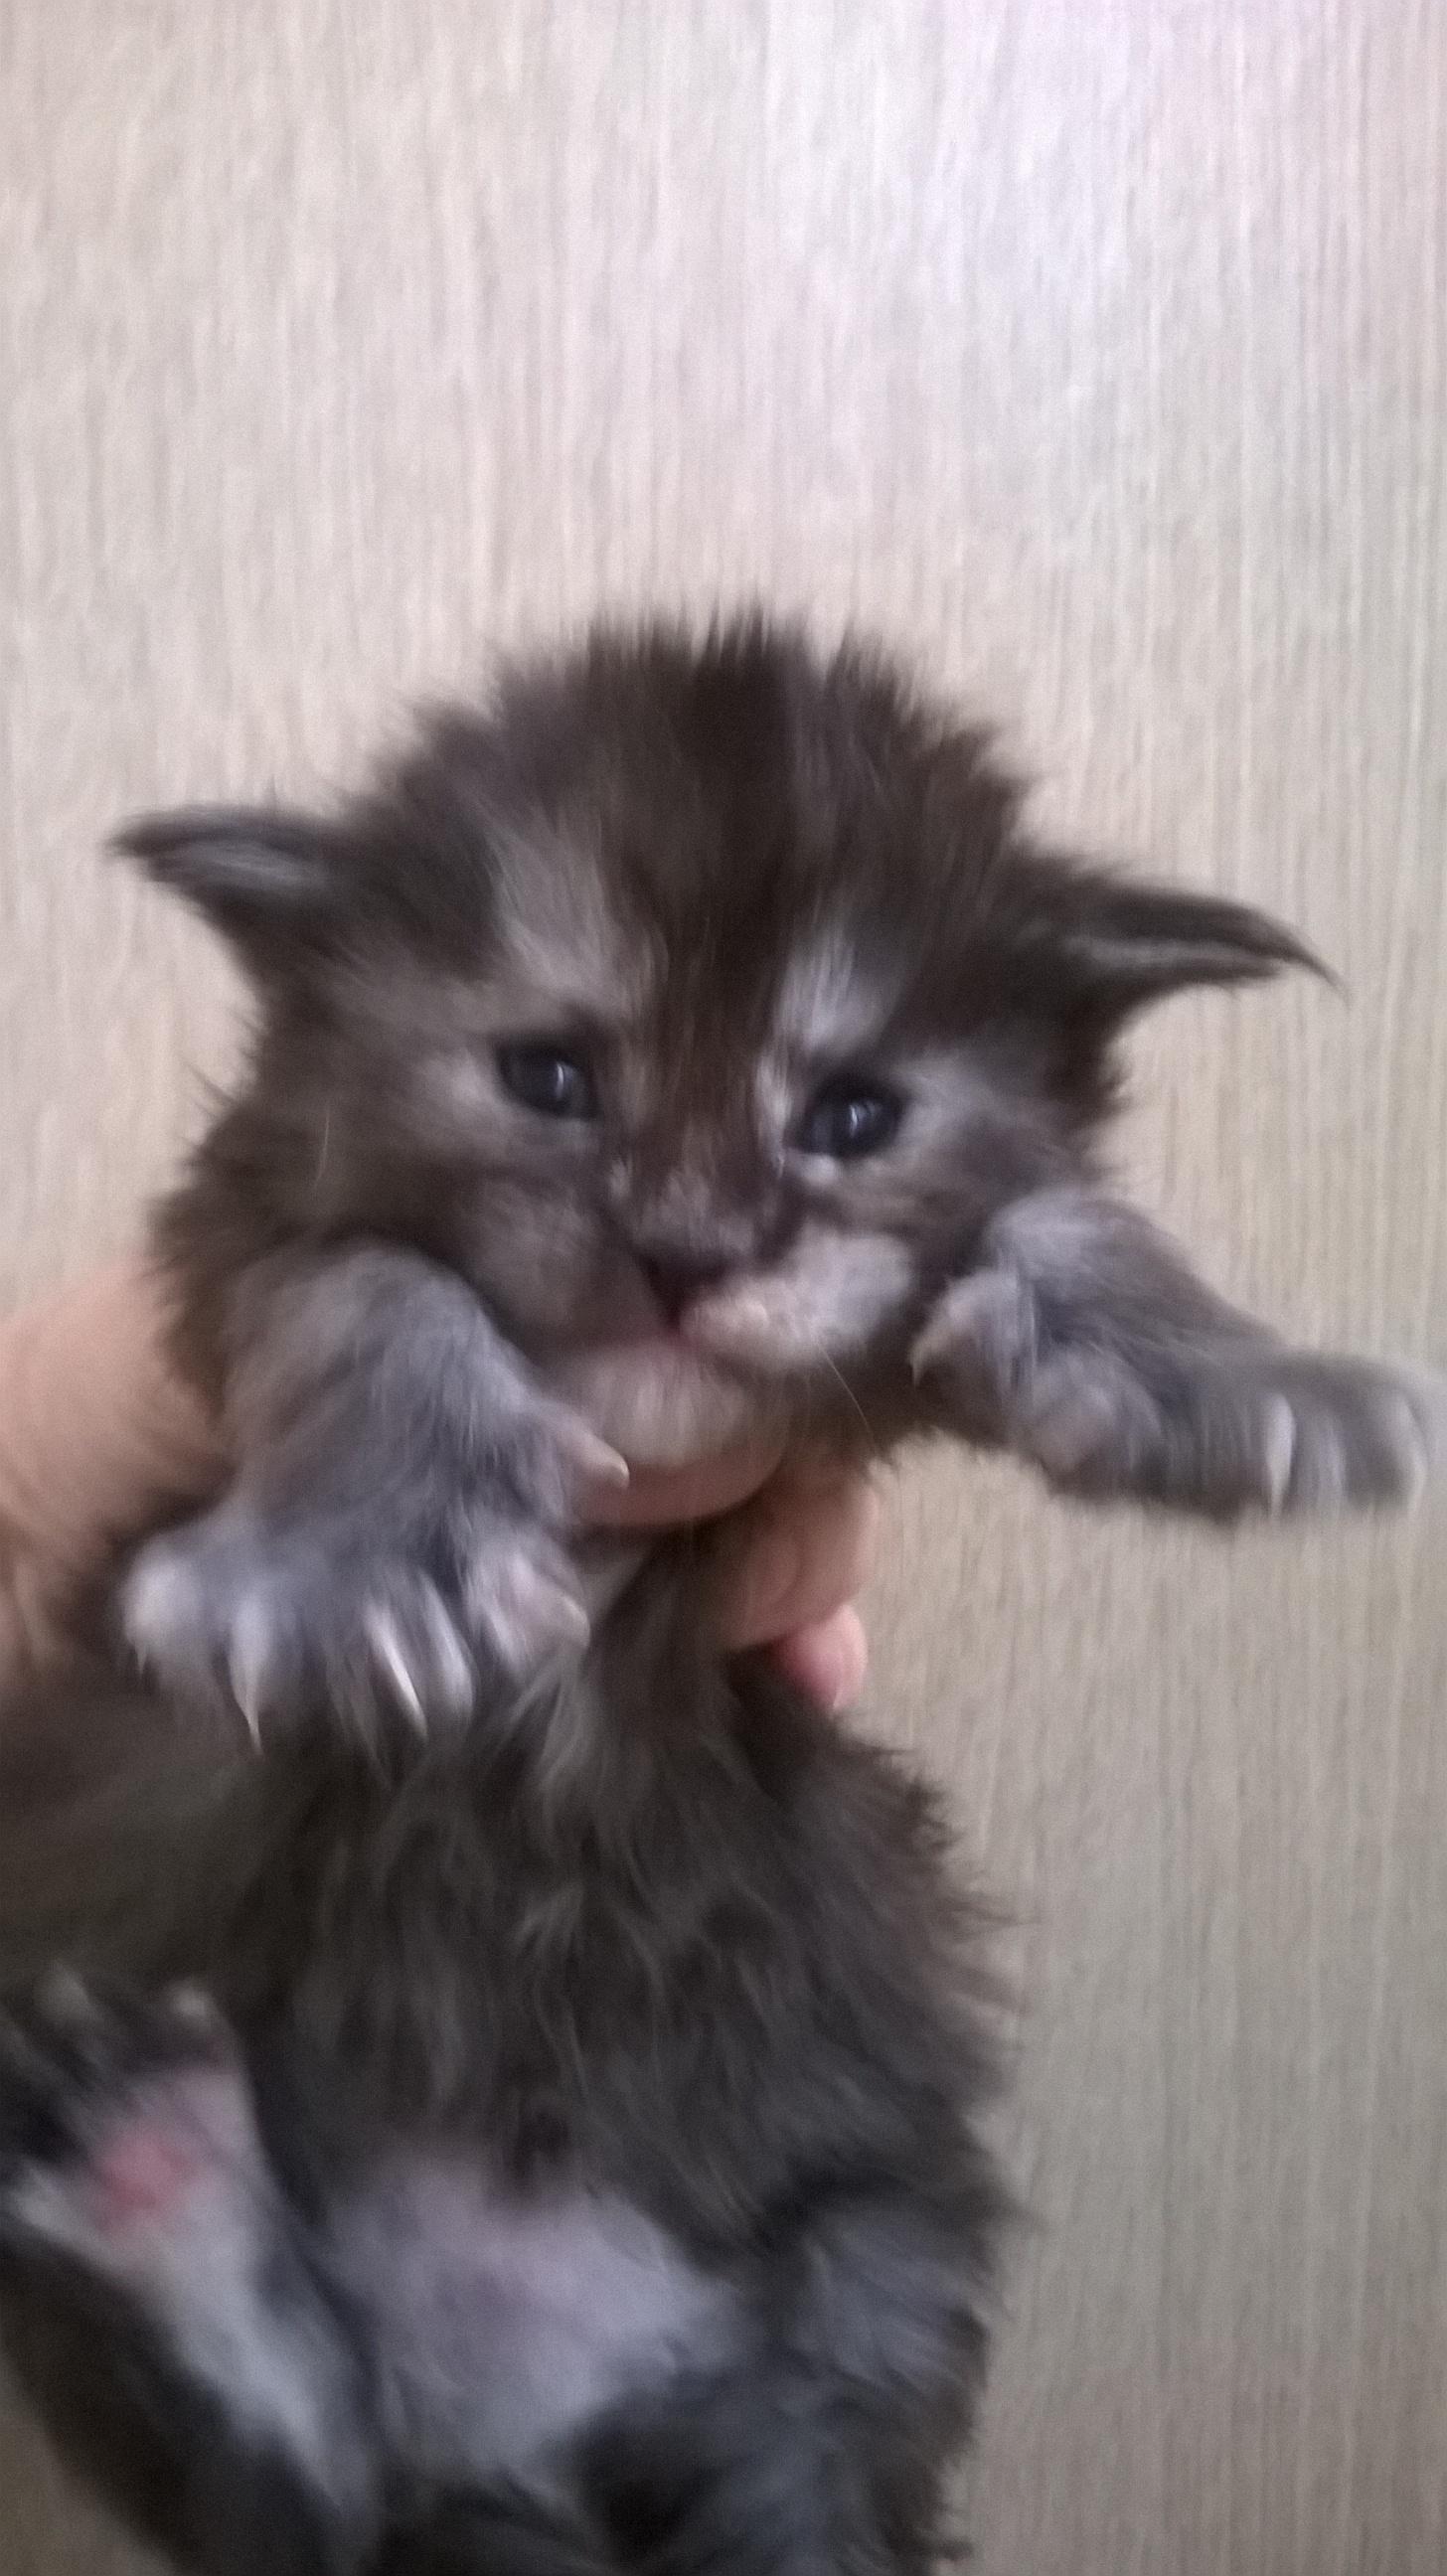 Котята в 21 день плохо сосут мать